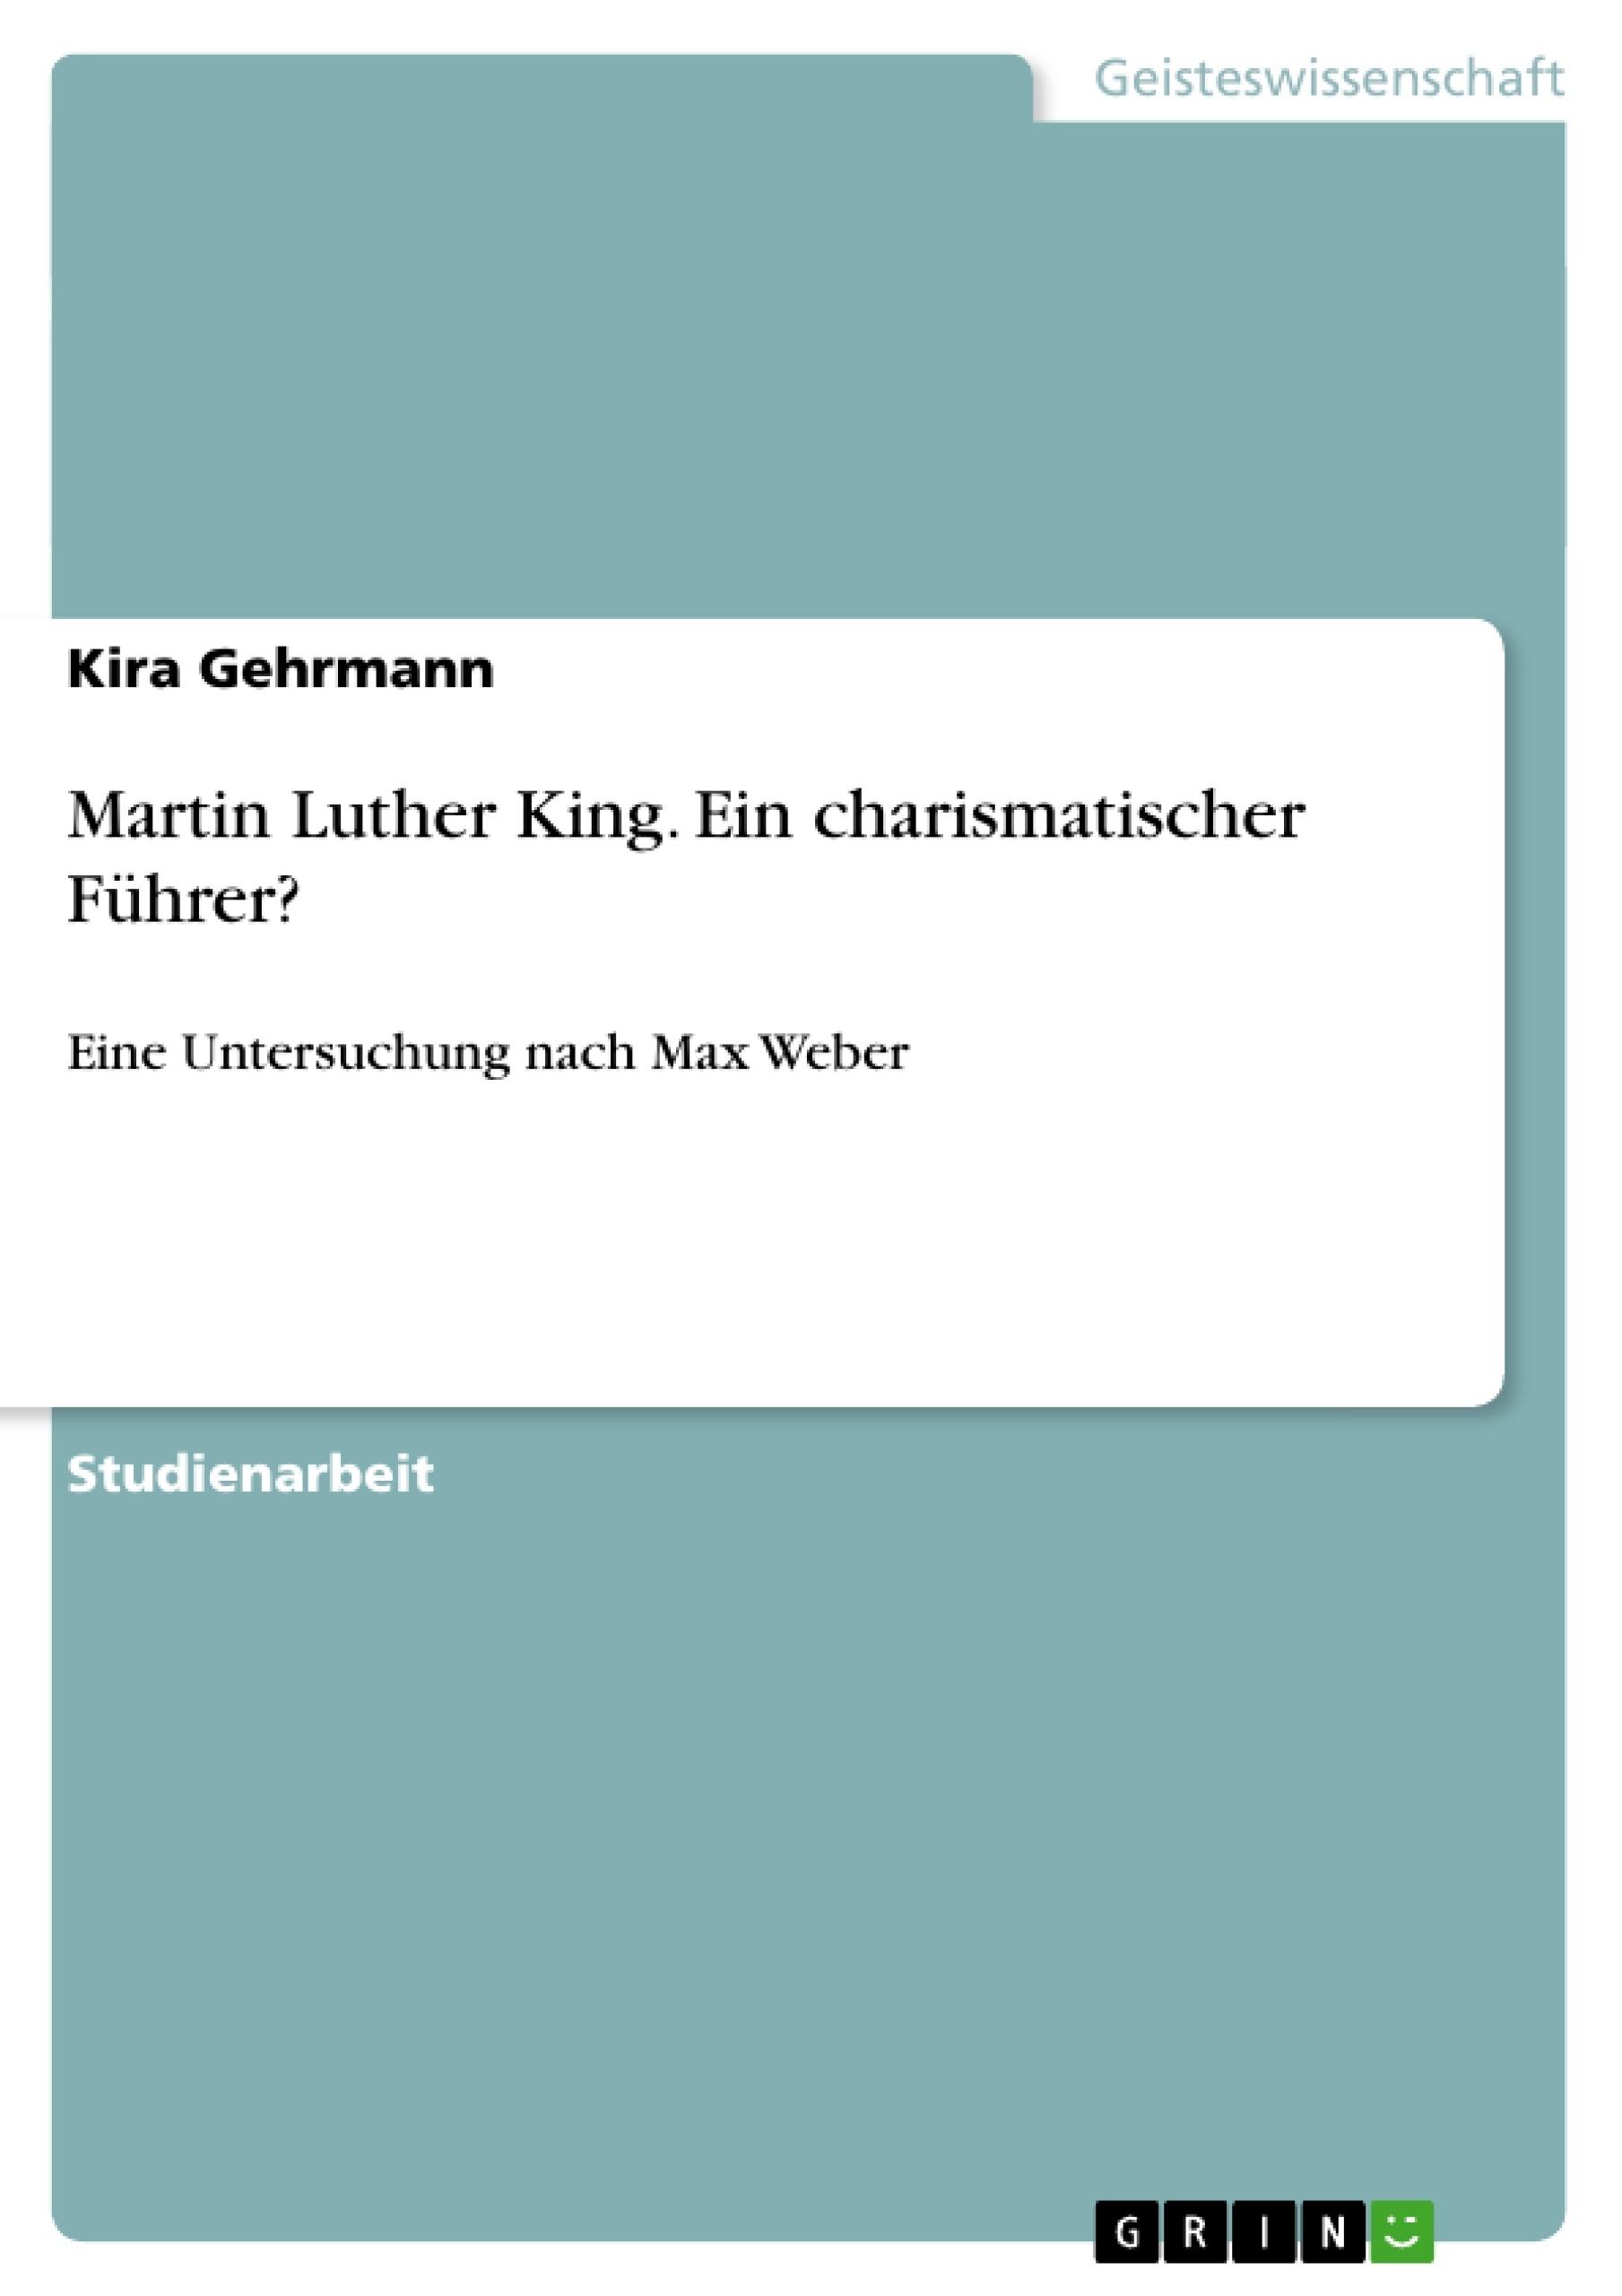 Titel: Martin Luther King. Ein charismatischer Führer?